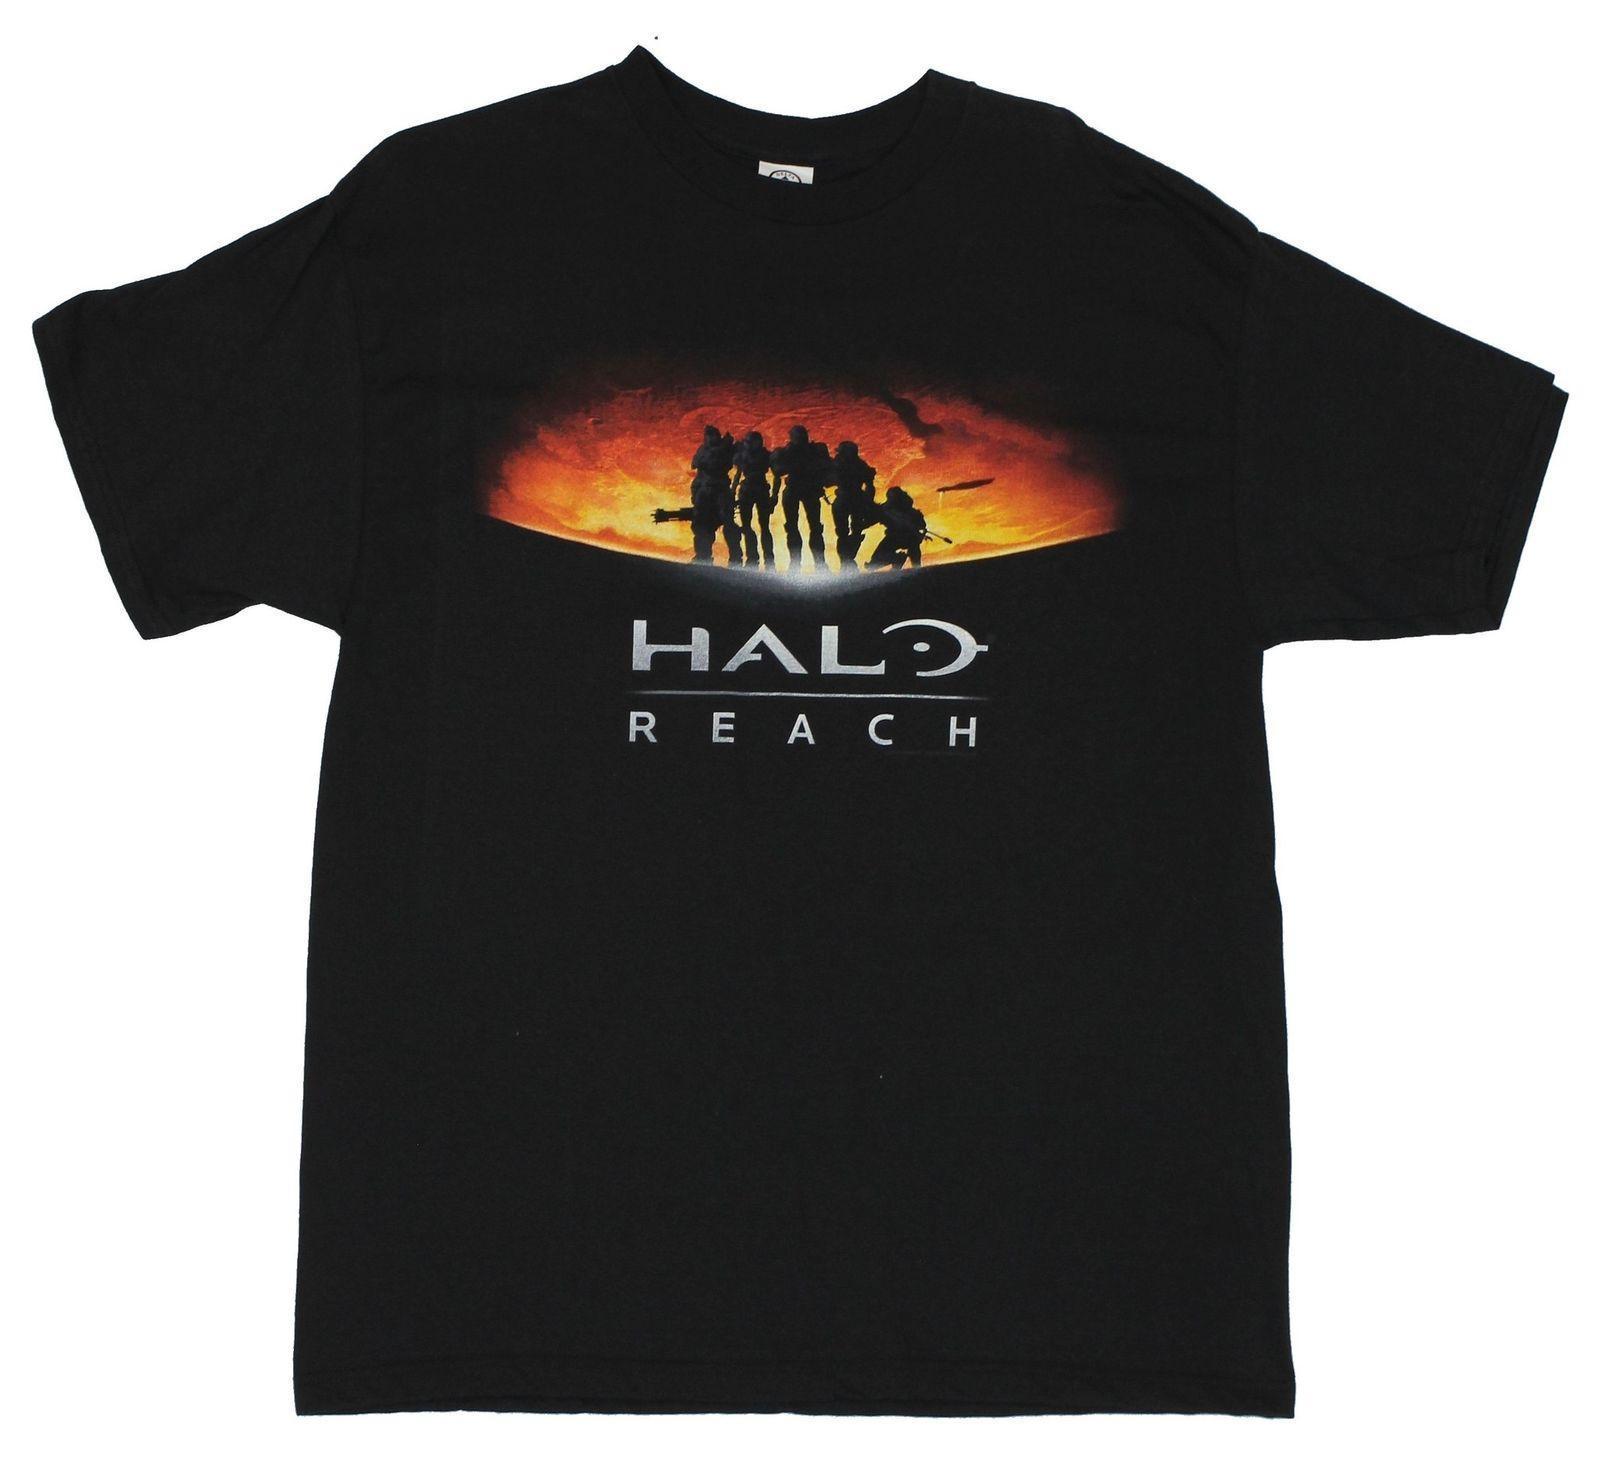 Halo Herren T-Shirt - Reichweite Annoucement Kunst auf Schwarz Cartoon-T-Shirt Männer Designer neue Kleider T-Shirt T-Shirt Top Tees Tops